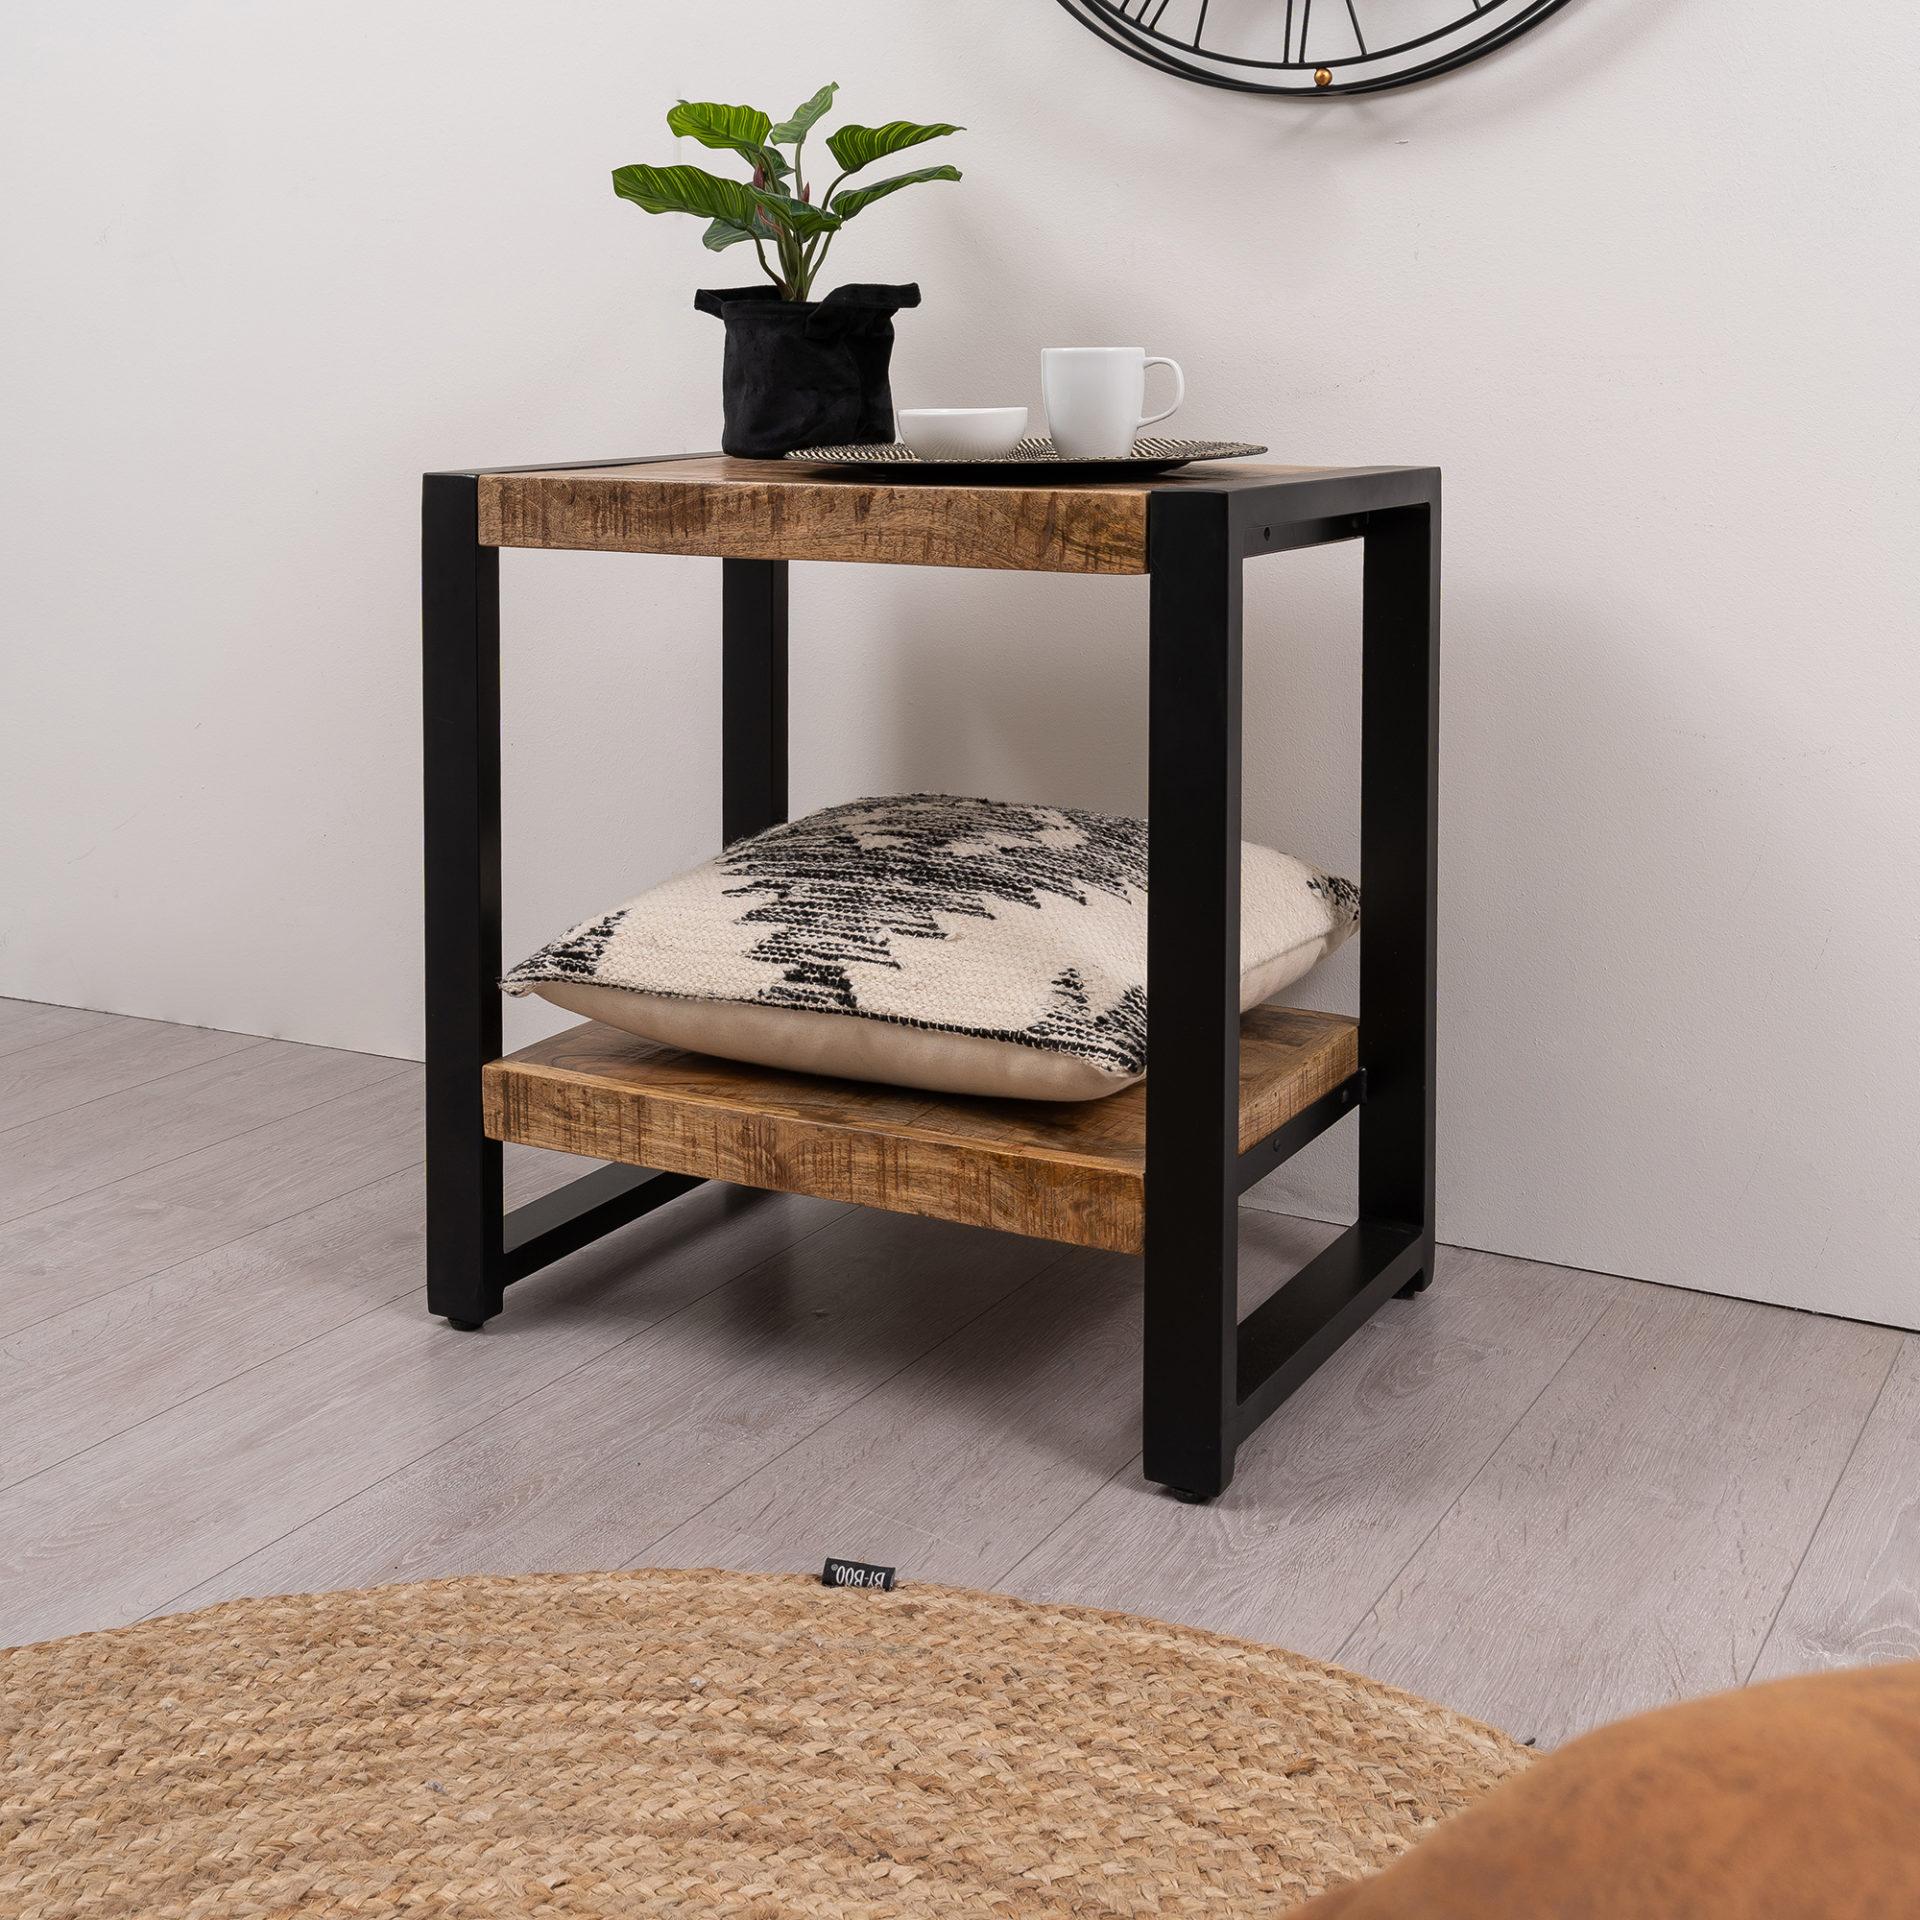 Detail vierkante hoektafel gemaakt van mangohout met metalen onderstel. De poot is vierkant en de tafel is 60 cm lang, 40 cm breed en 60 cm hoog